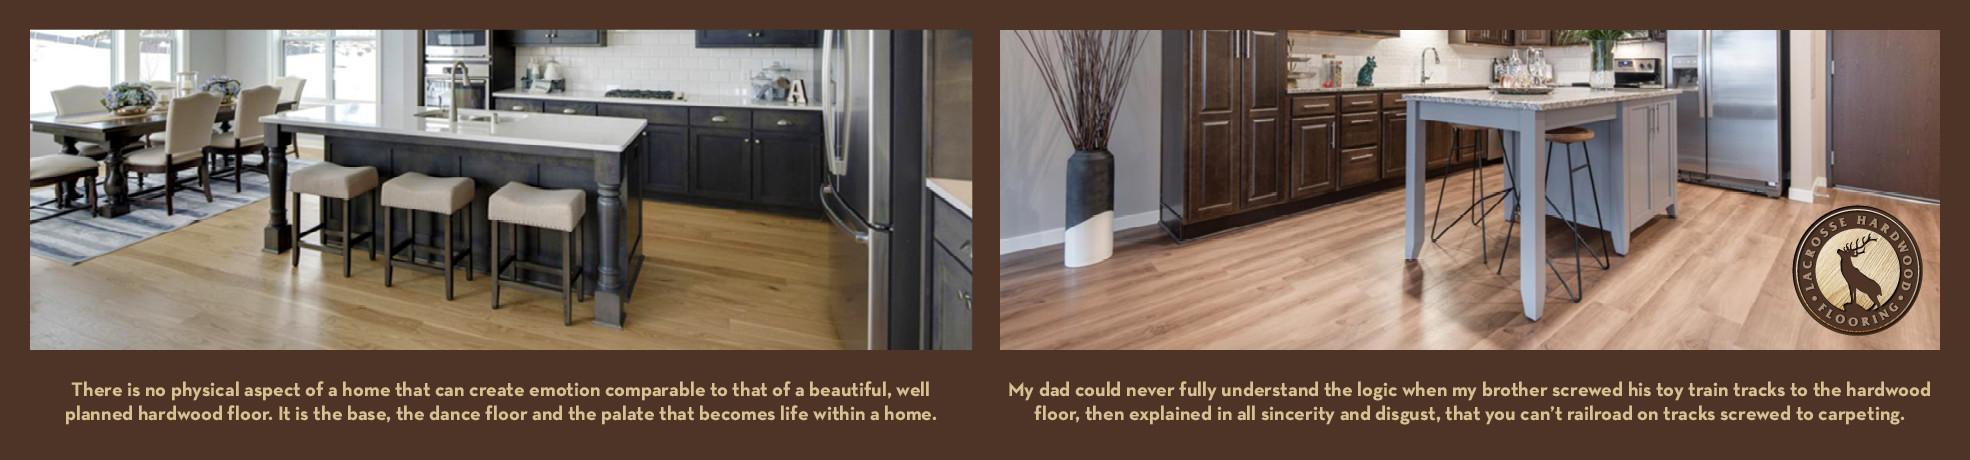 white oak hardwood flooring of lacrosse hardwood flooring walnut white oak red oak hickory throughout lhfsliderv24